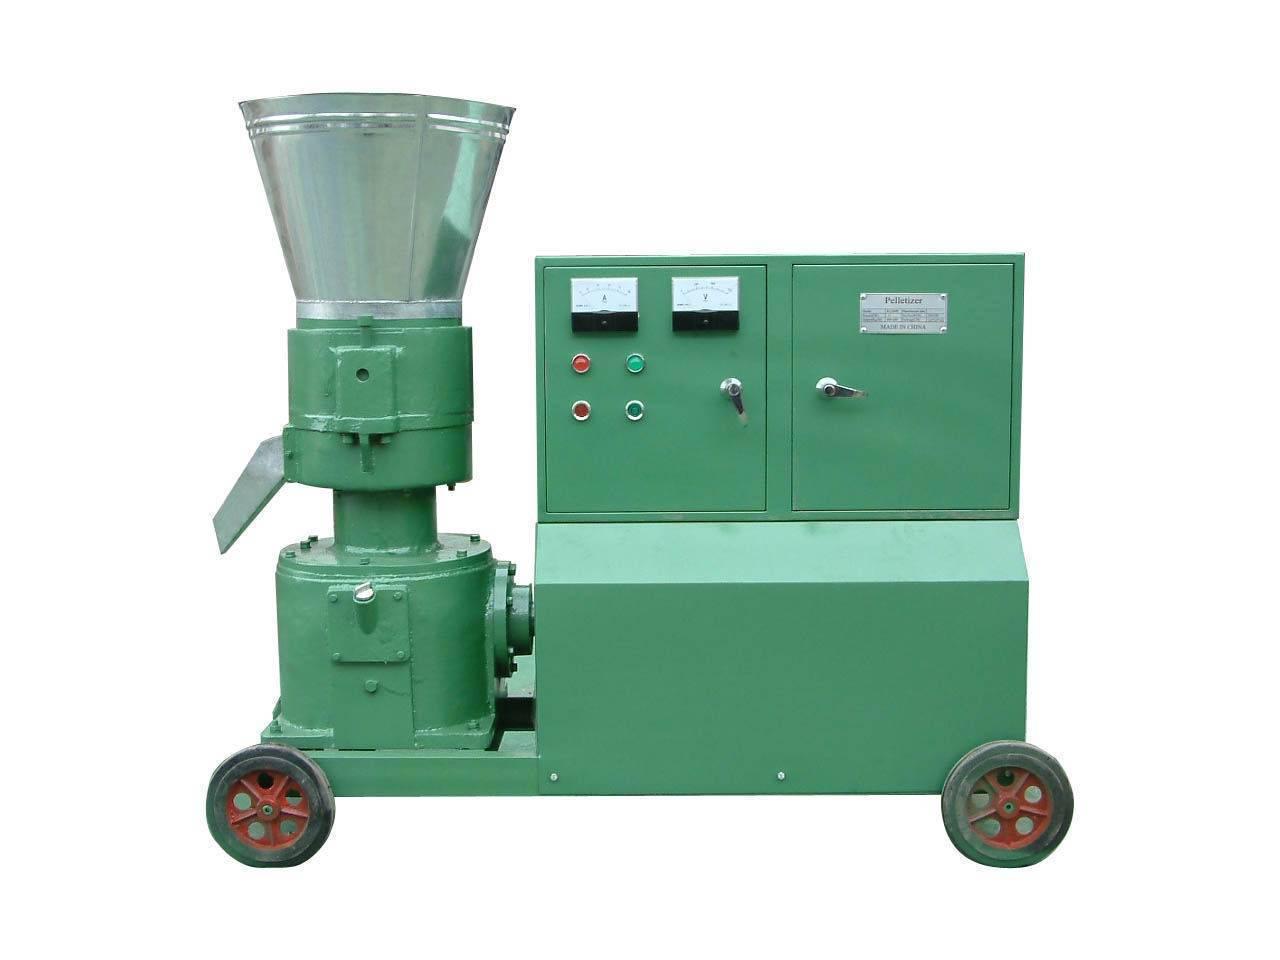 ZLMP400 flat die pellet mill/Poultry feeder mill